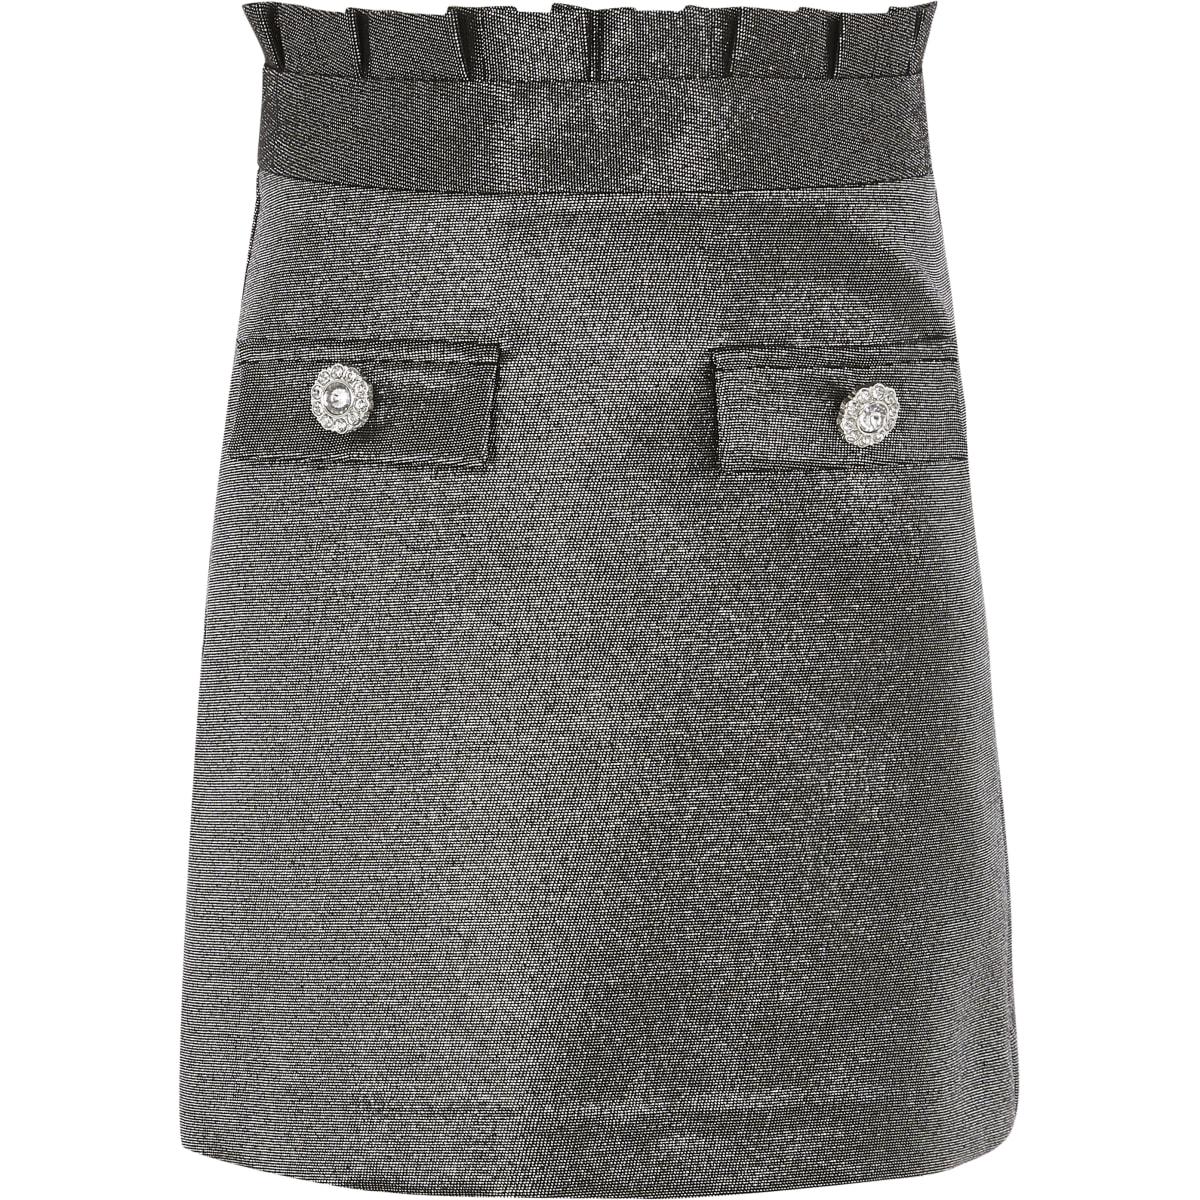 Zilver metallic rok met geplooide taille voor meisjes